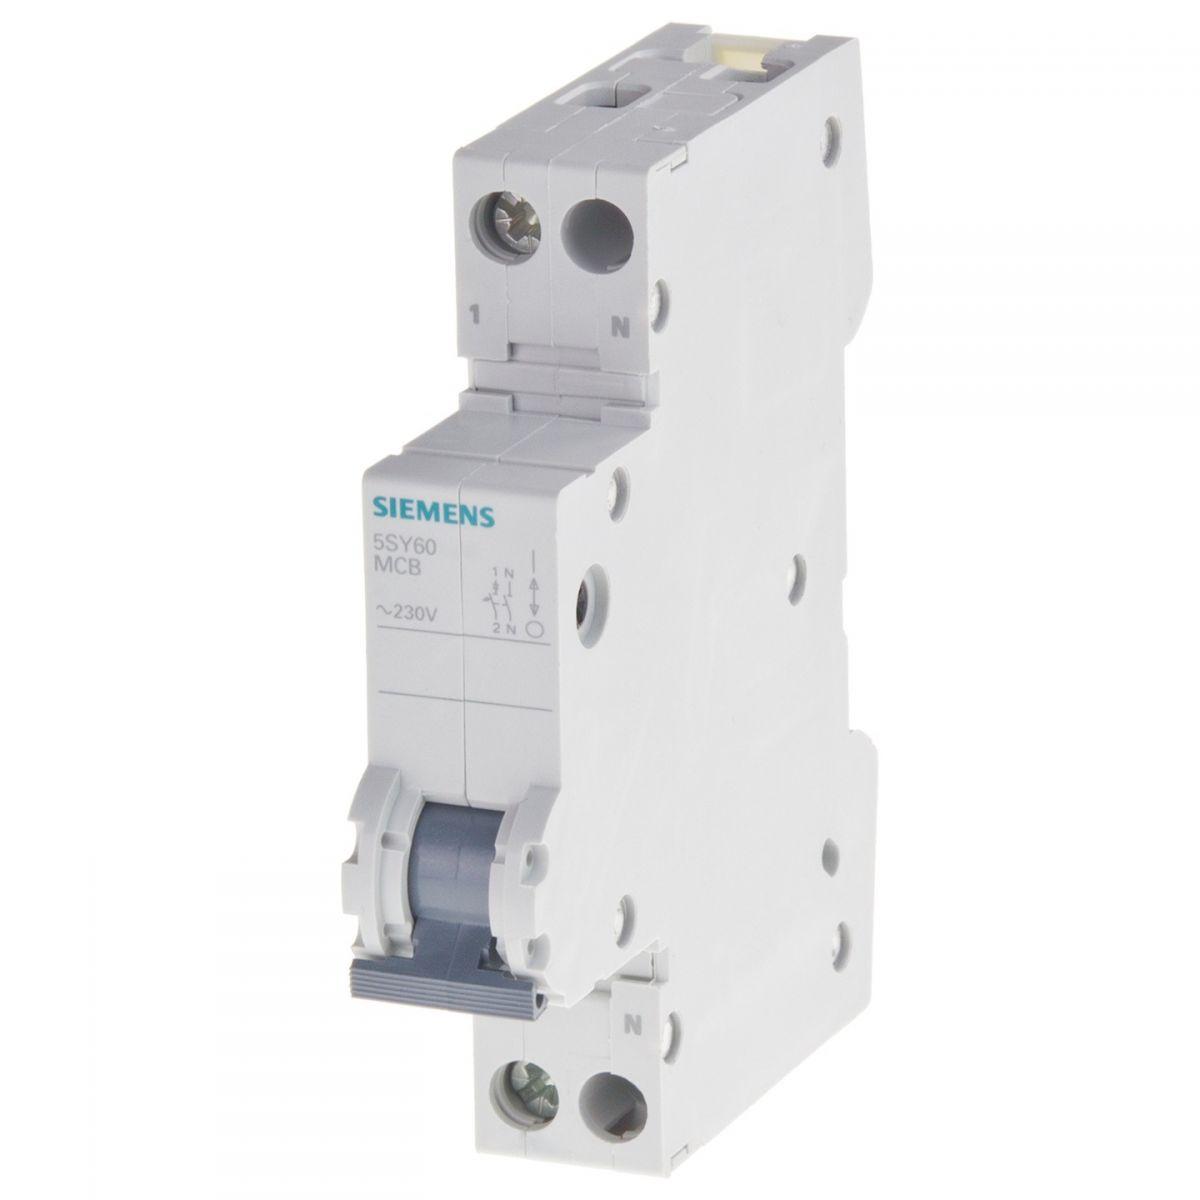 6amp 1pn circuit breaker siemens 5sy60067